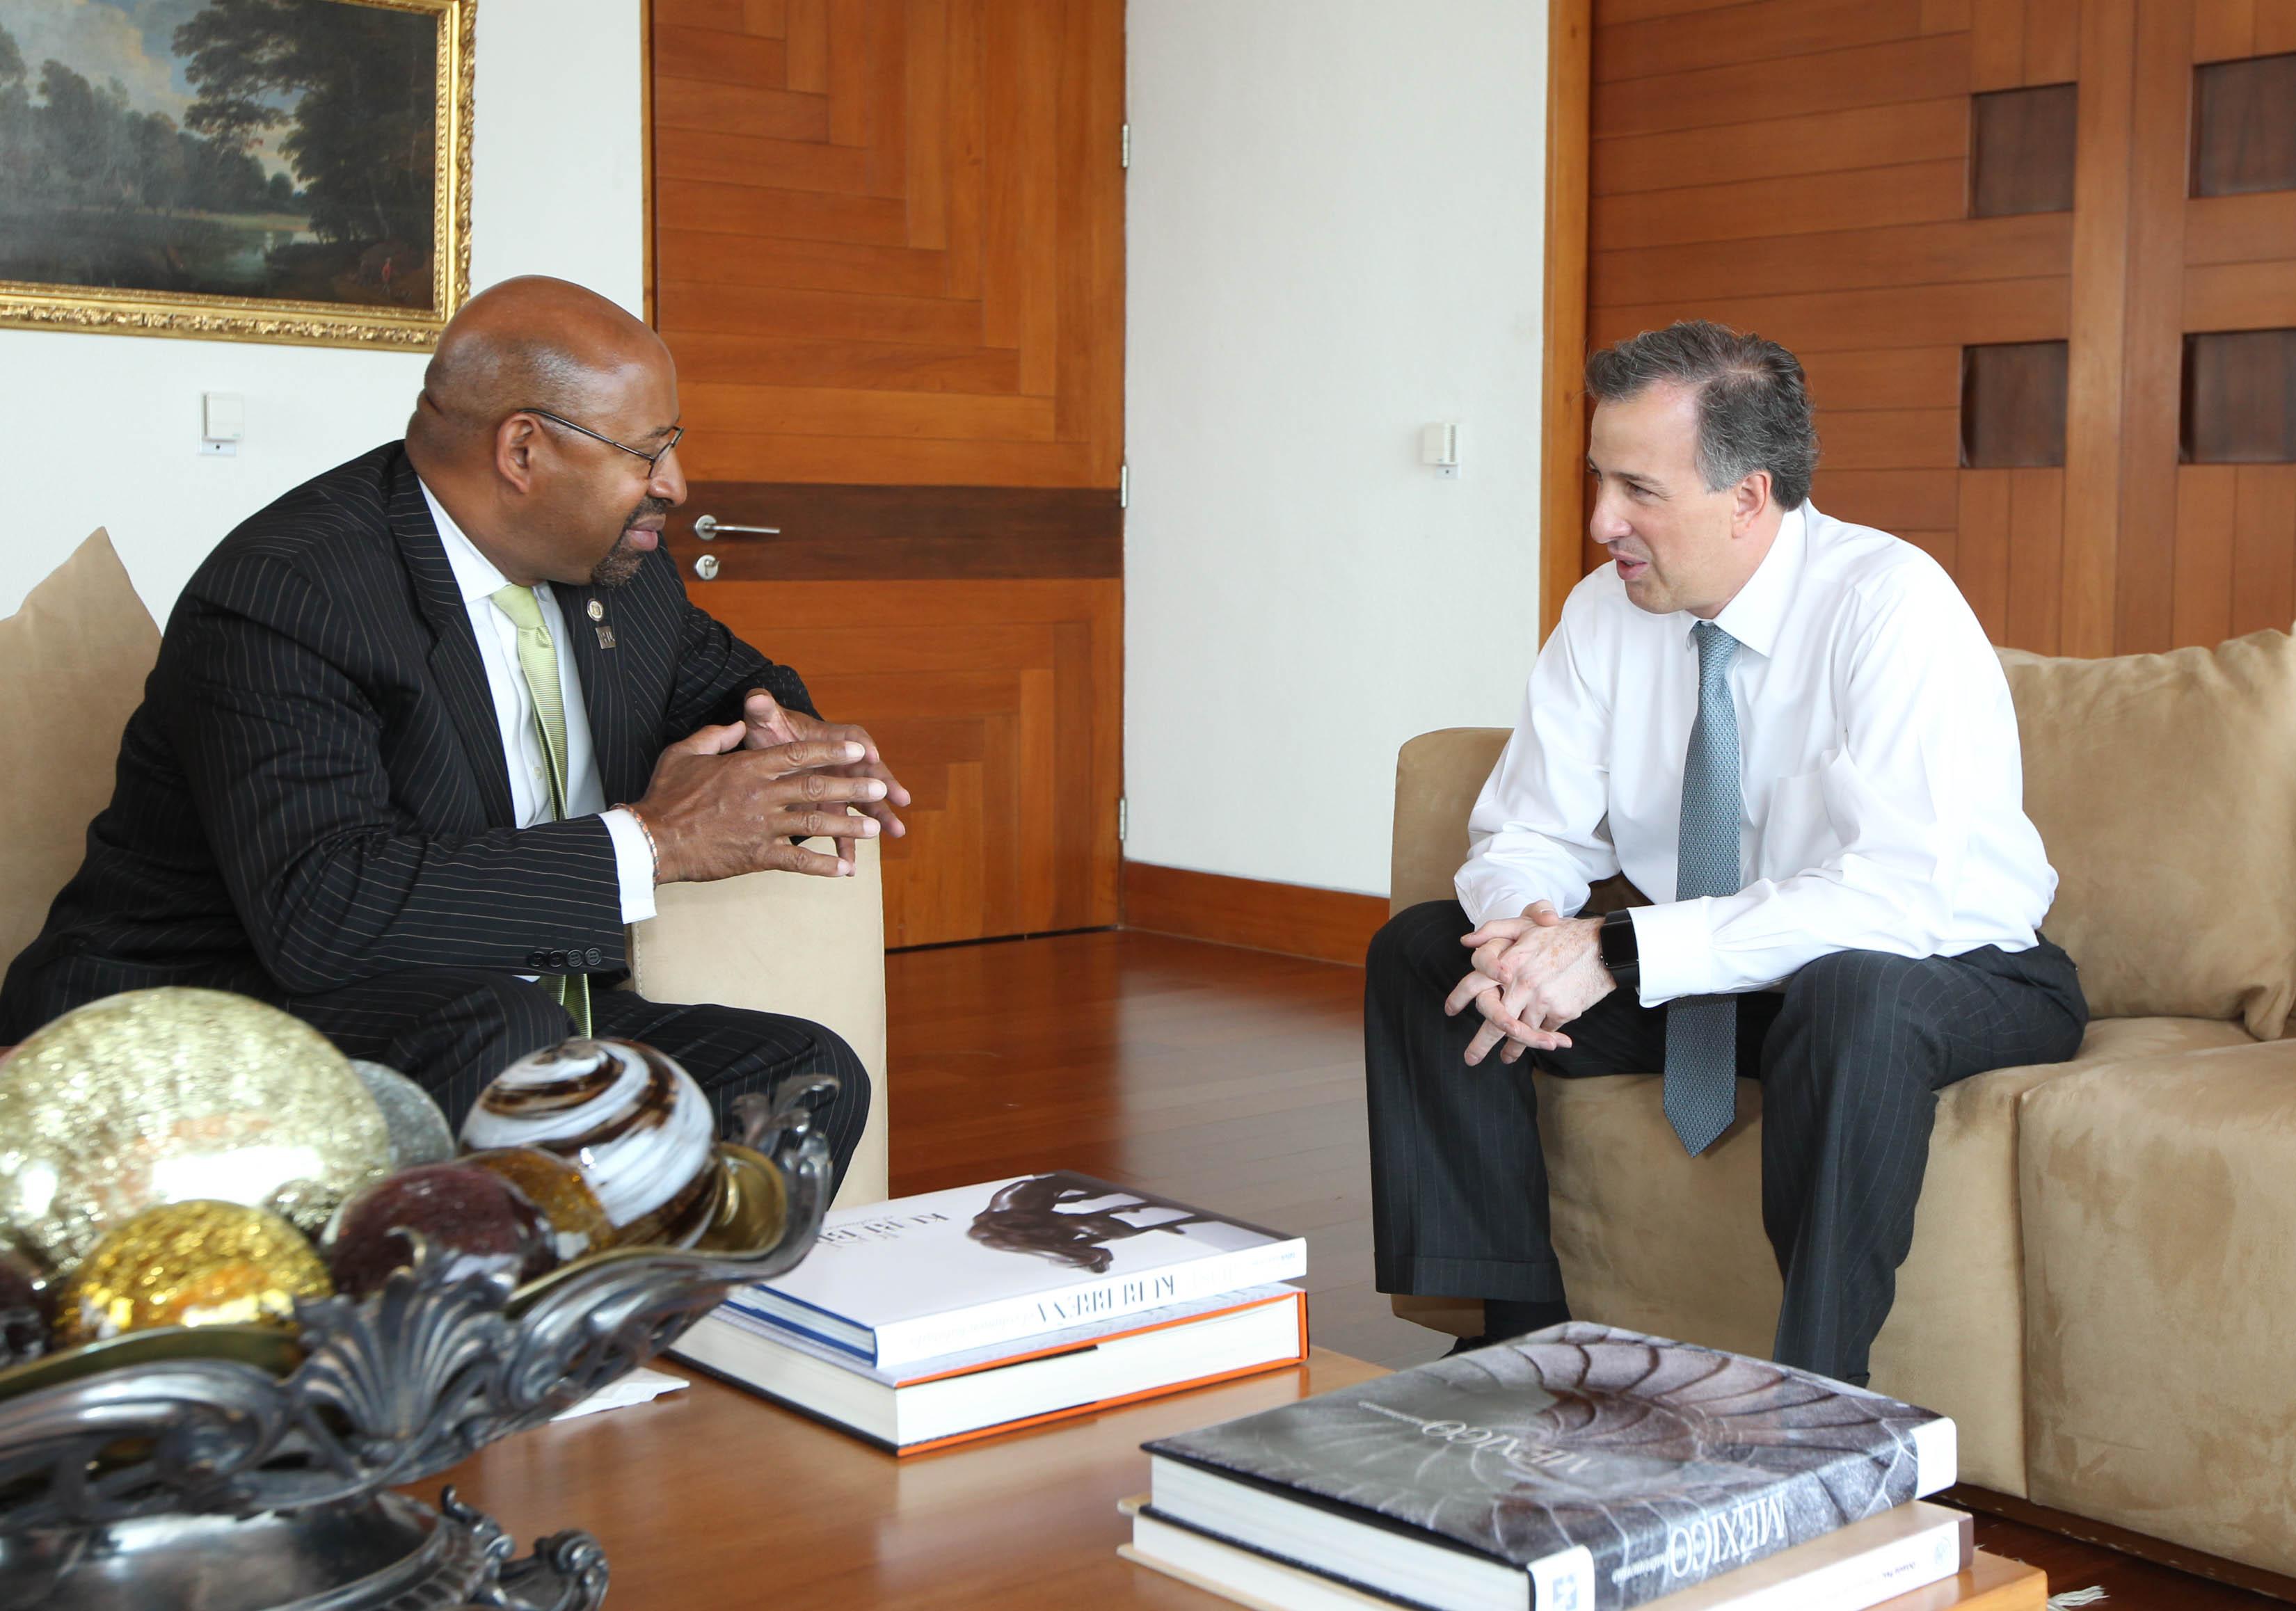 FOTO 1 Canciller Jos  Antonio Meade con el alcalde de Filadelfia  Michael Nutter.jpg